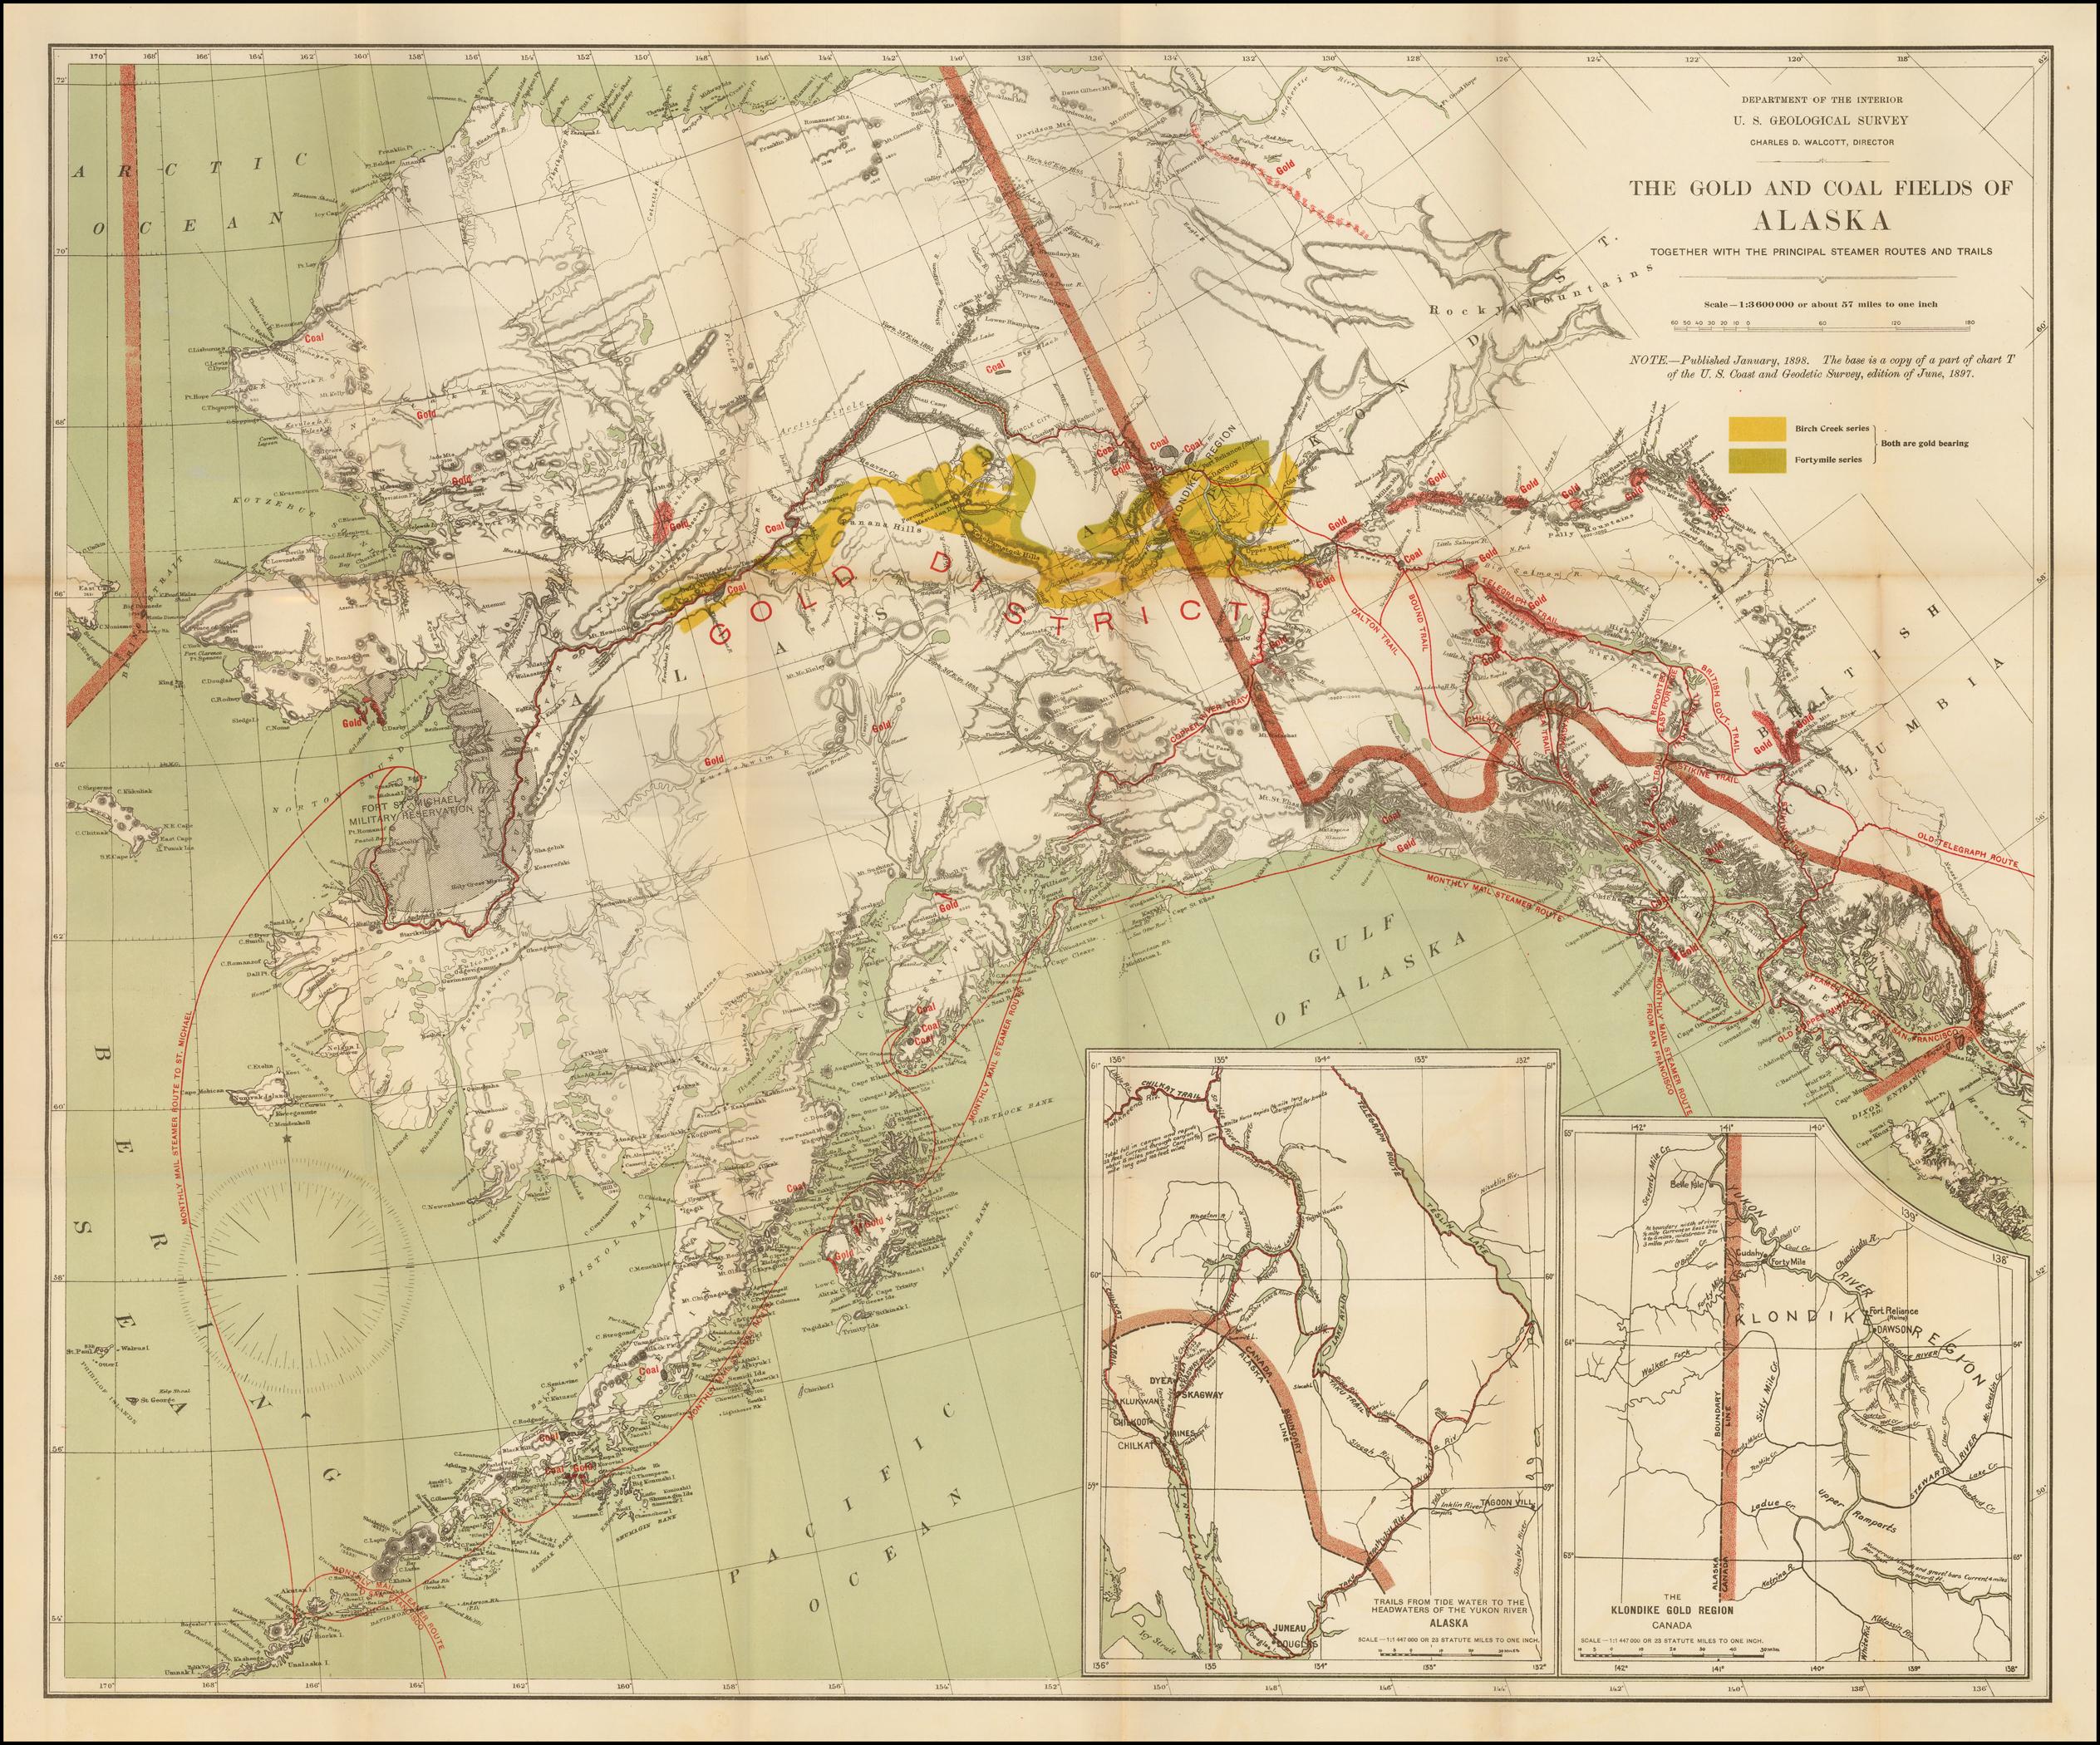 Золотые и угольные месторождения Аляски вместе с основными пароходными маршрутами и трассами..jpg